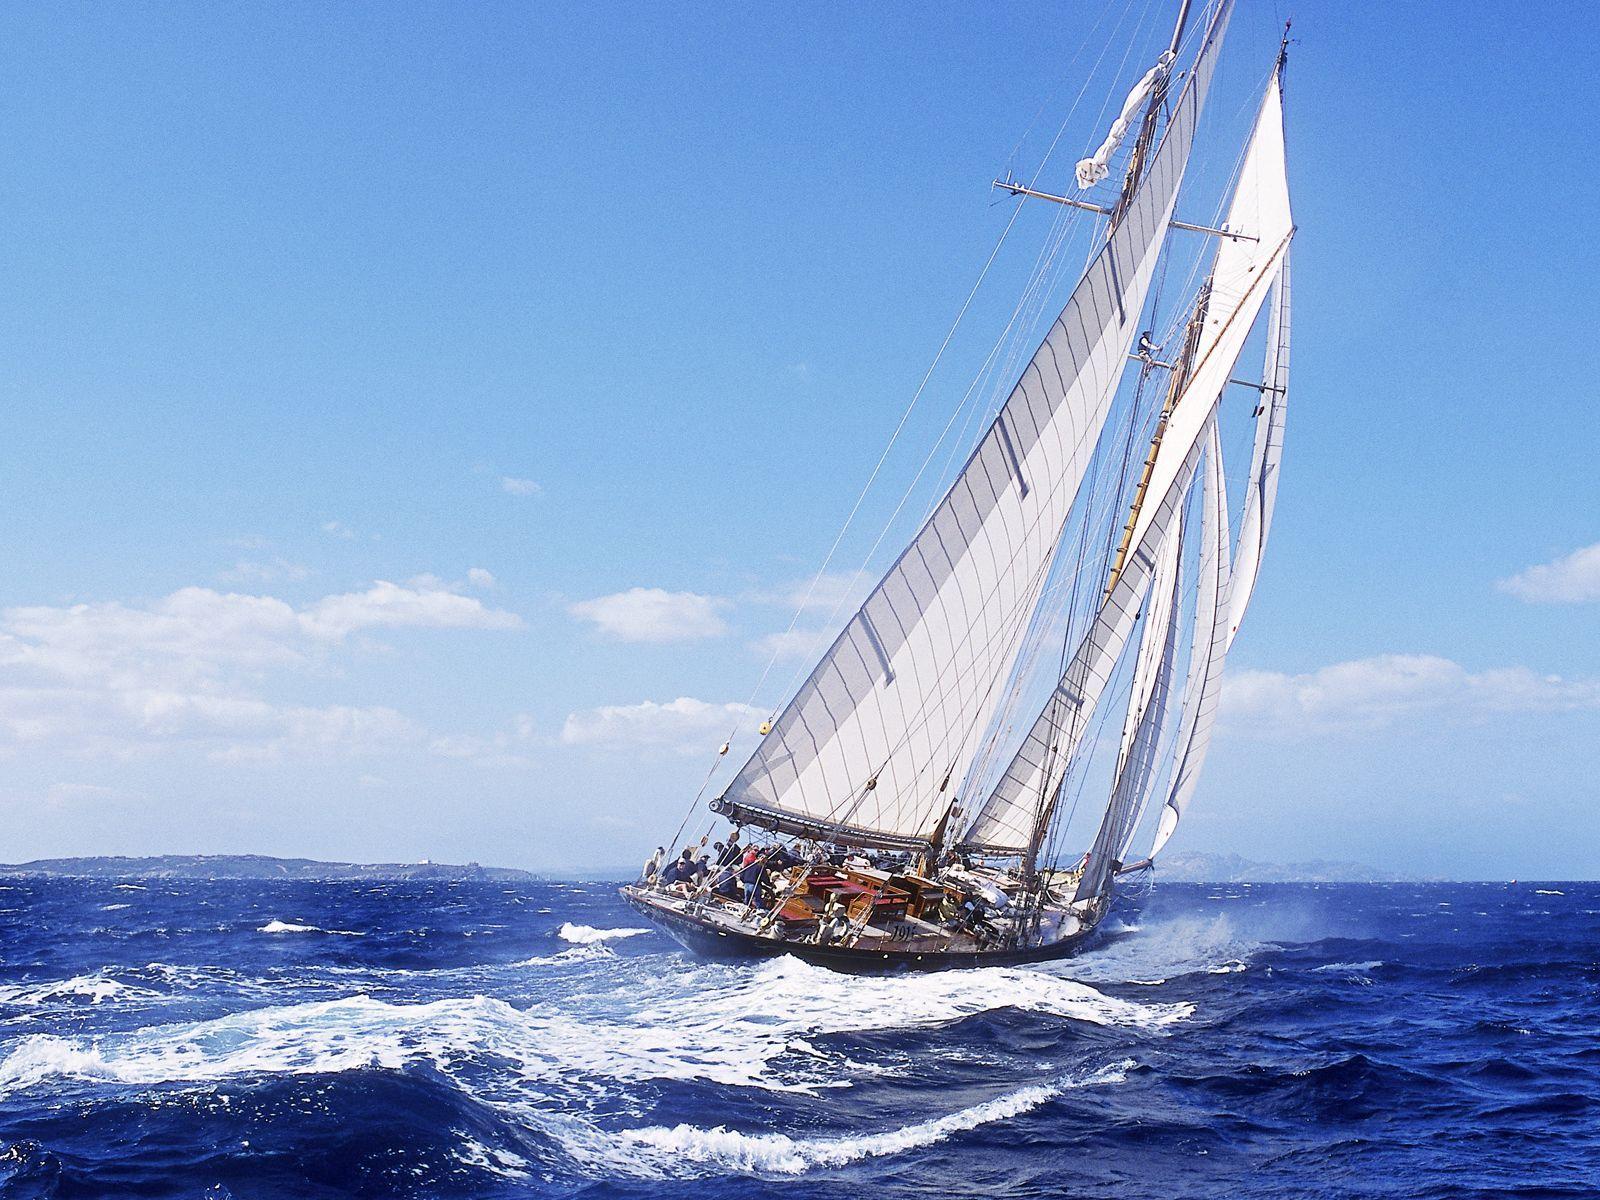 12267 скачать обои Транспорт, Вода, Море, Яхты - заставки и картинки бесплатно